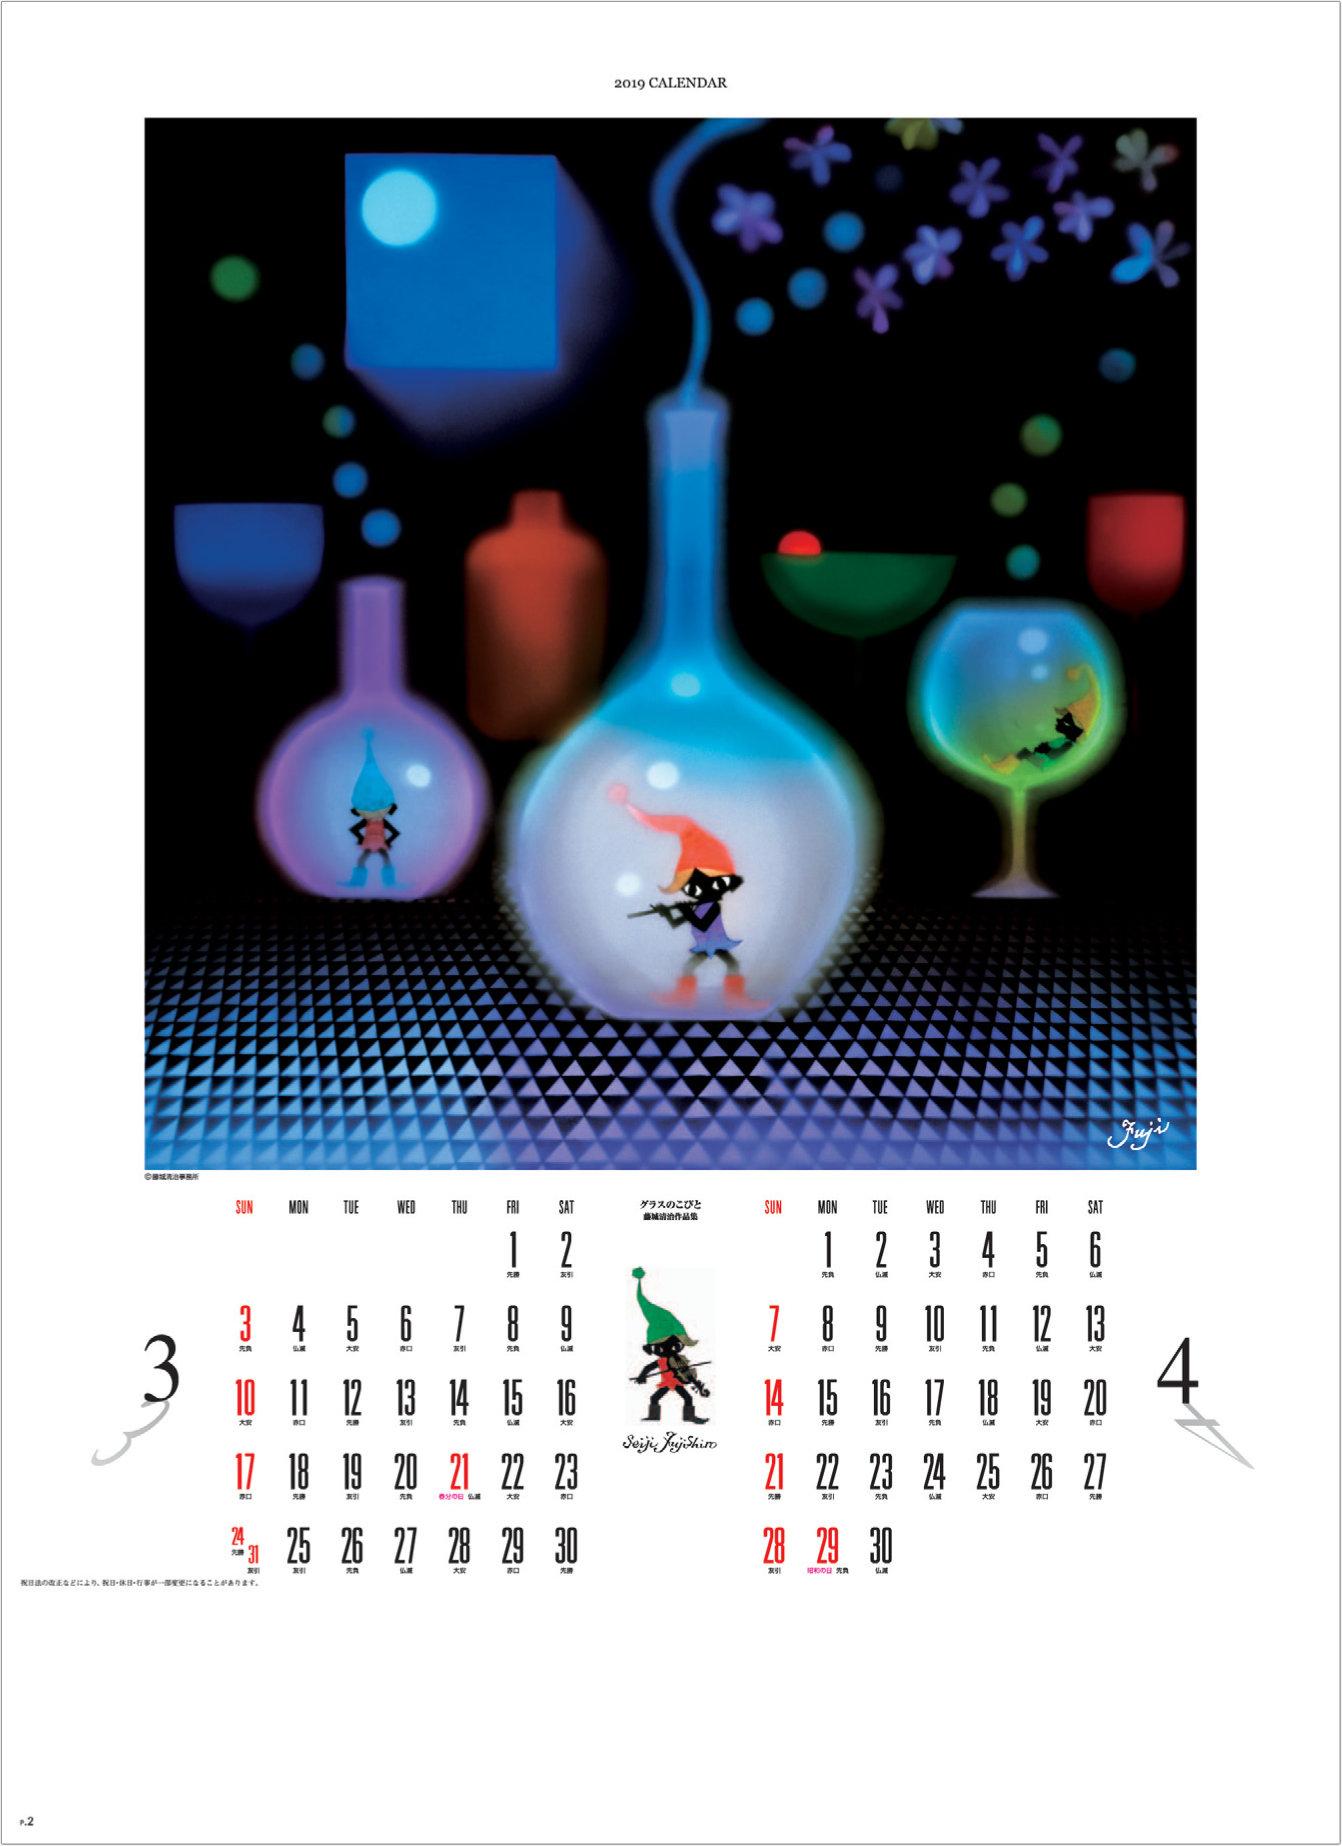 画像:藤城清治作品「グラスのこびと」 遠い日の風景から(影絵)  藤城清治 2019年カレンダー